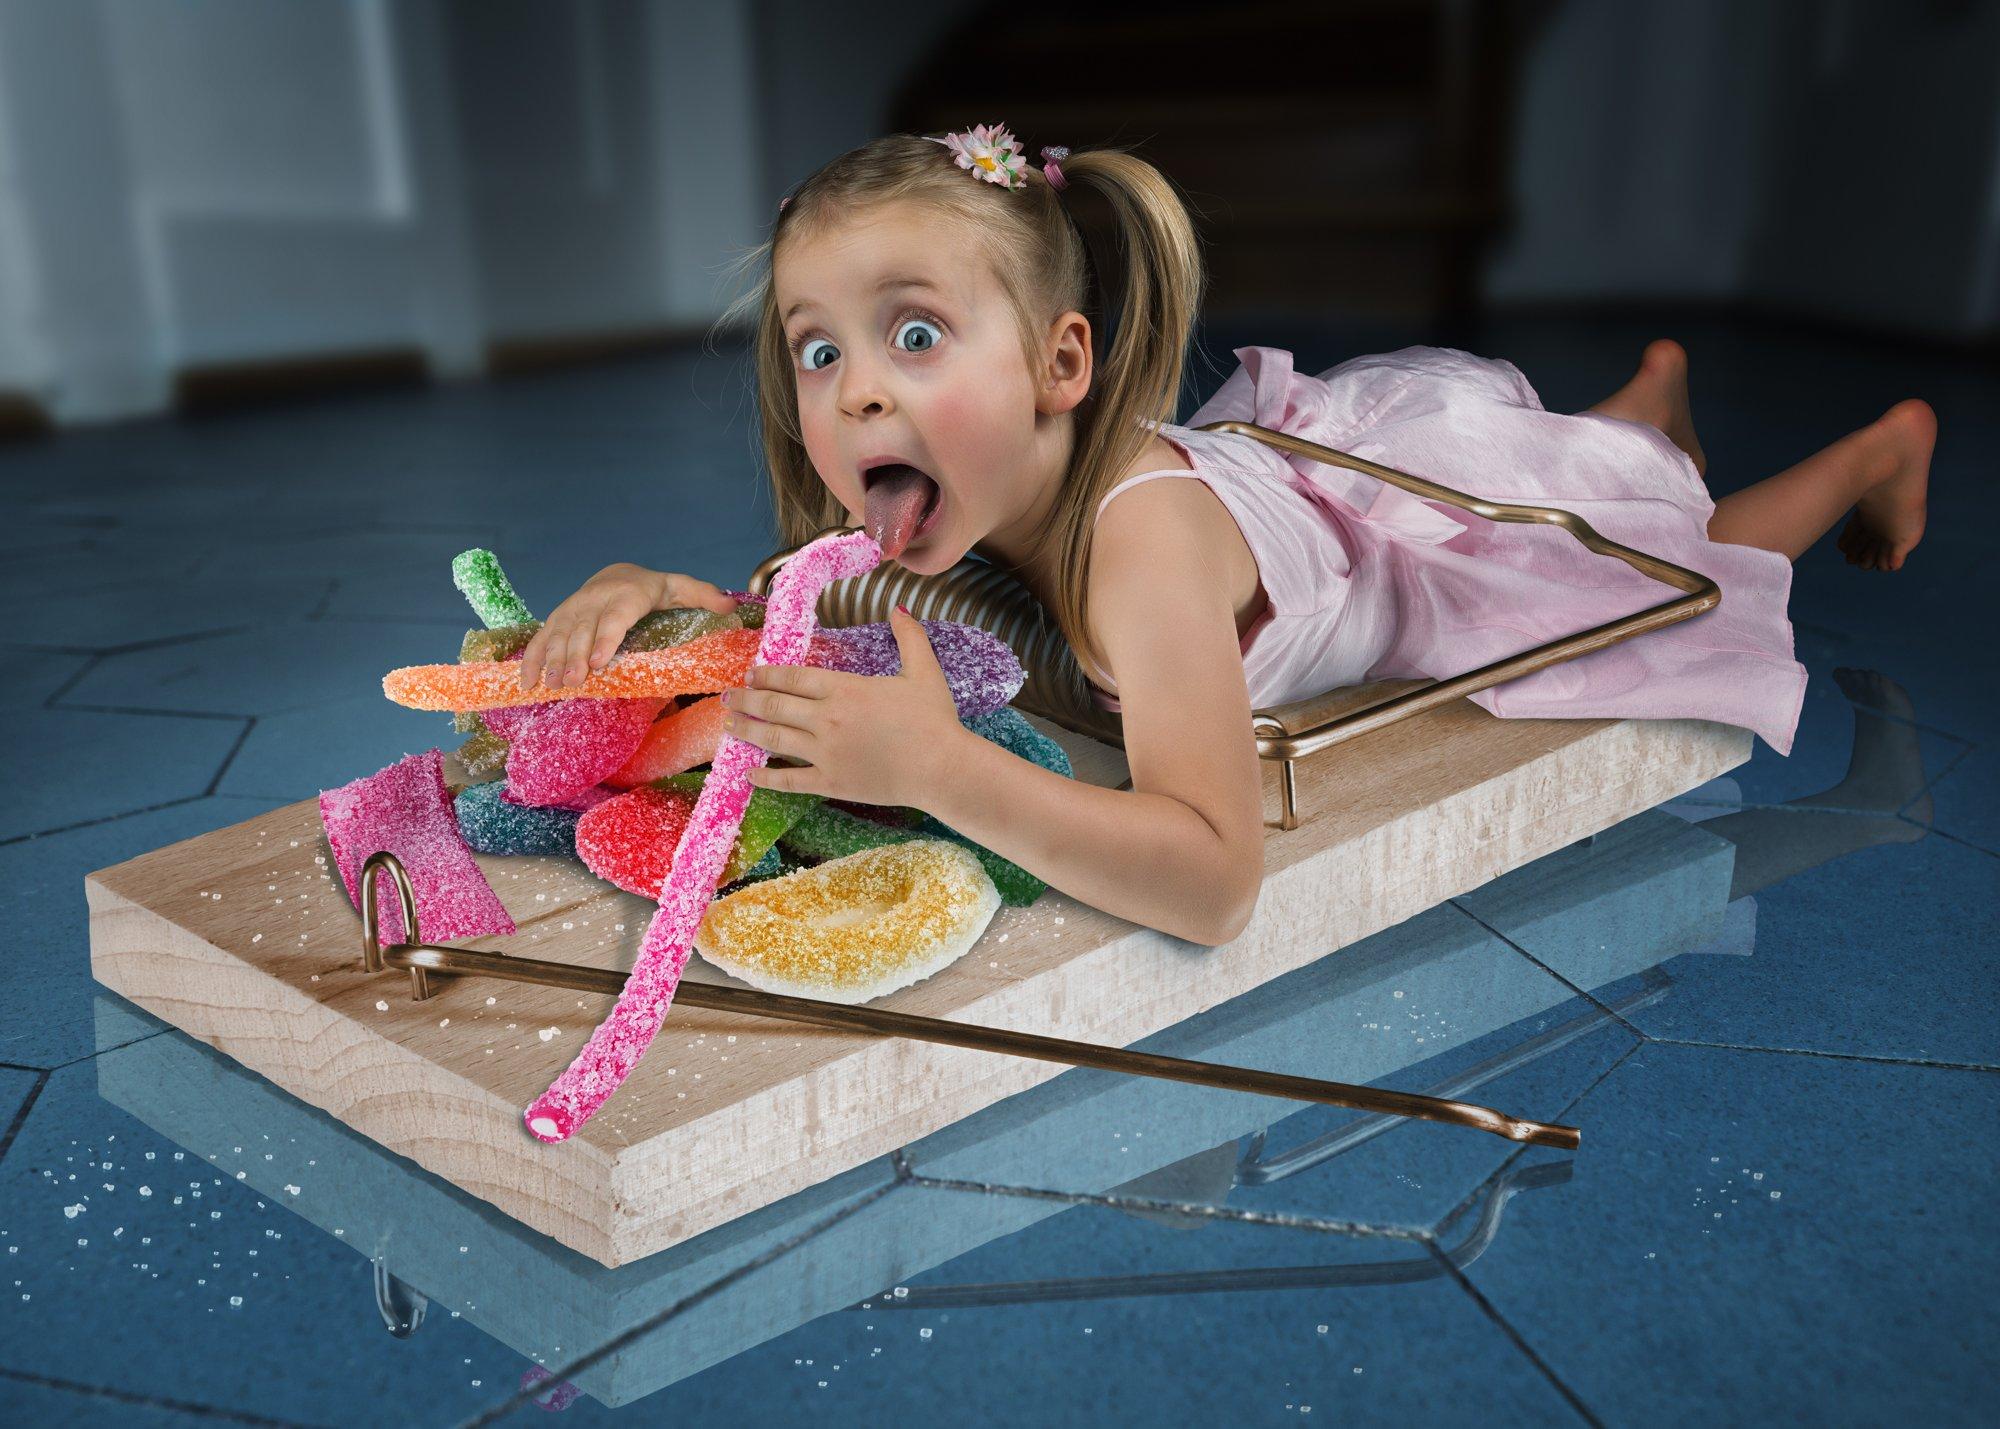 Продуктовая тележка во Франции: Что едят французские дети